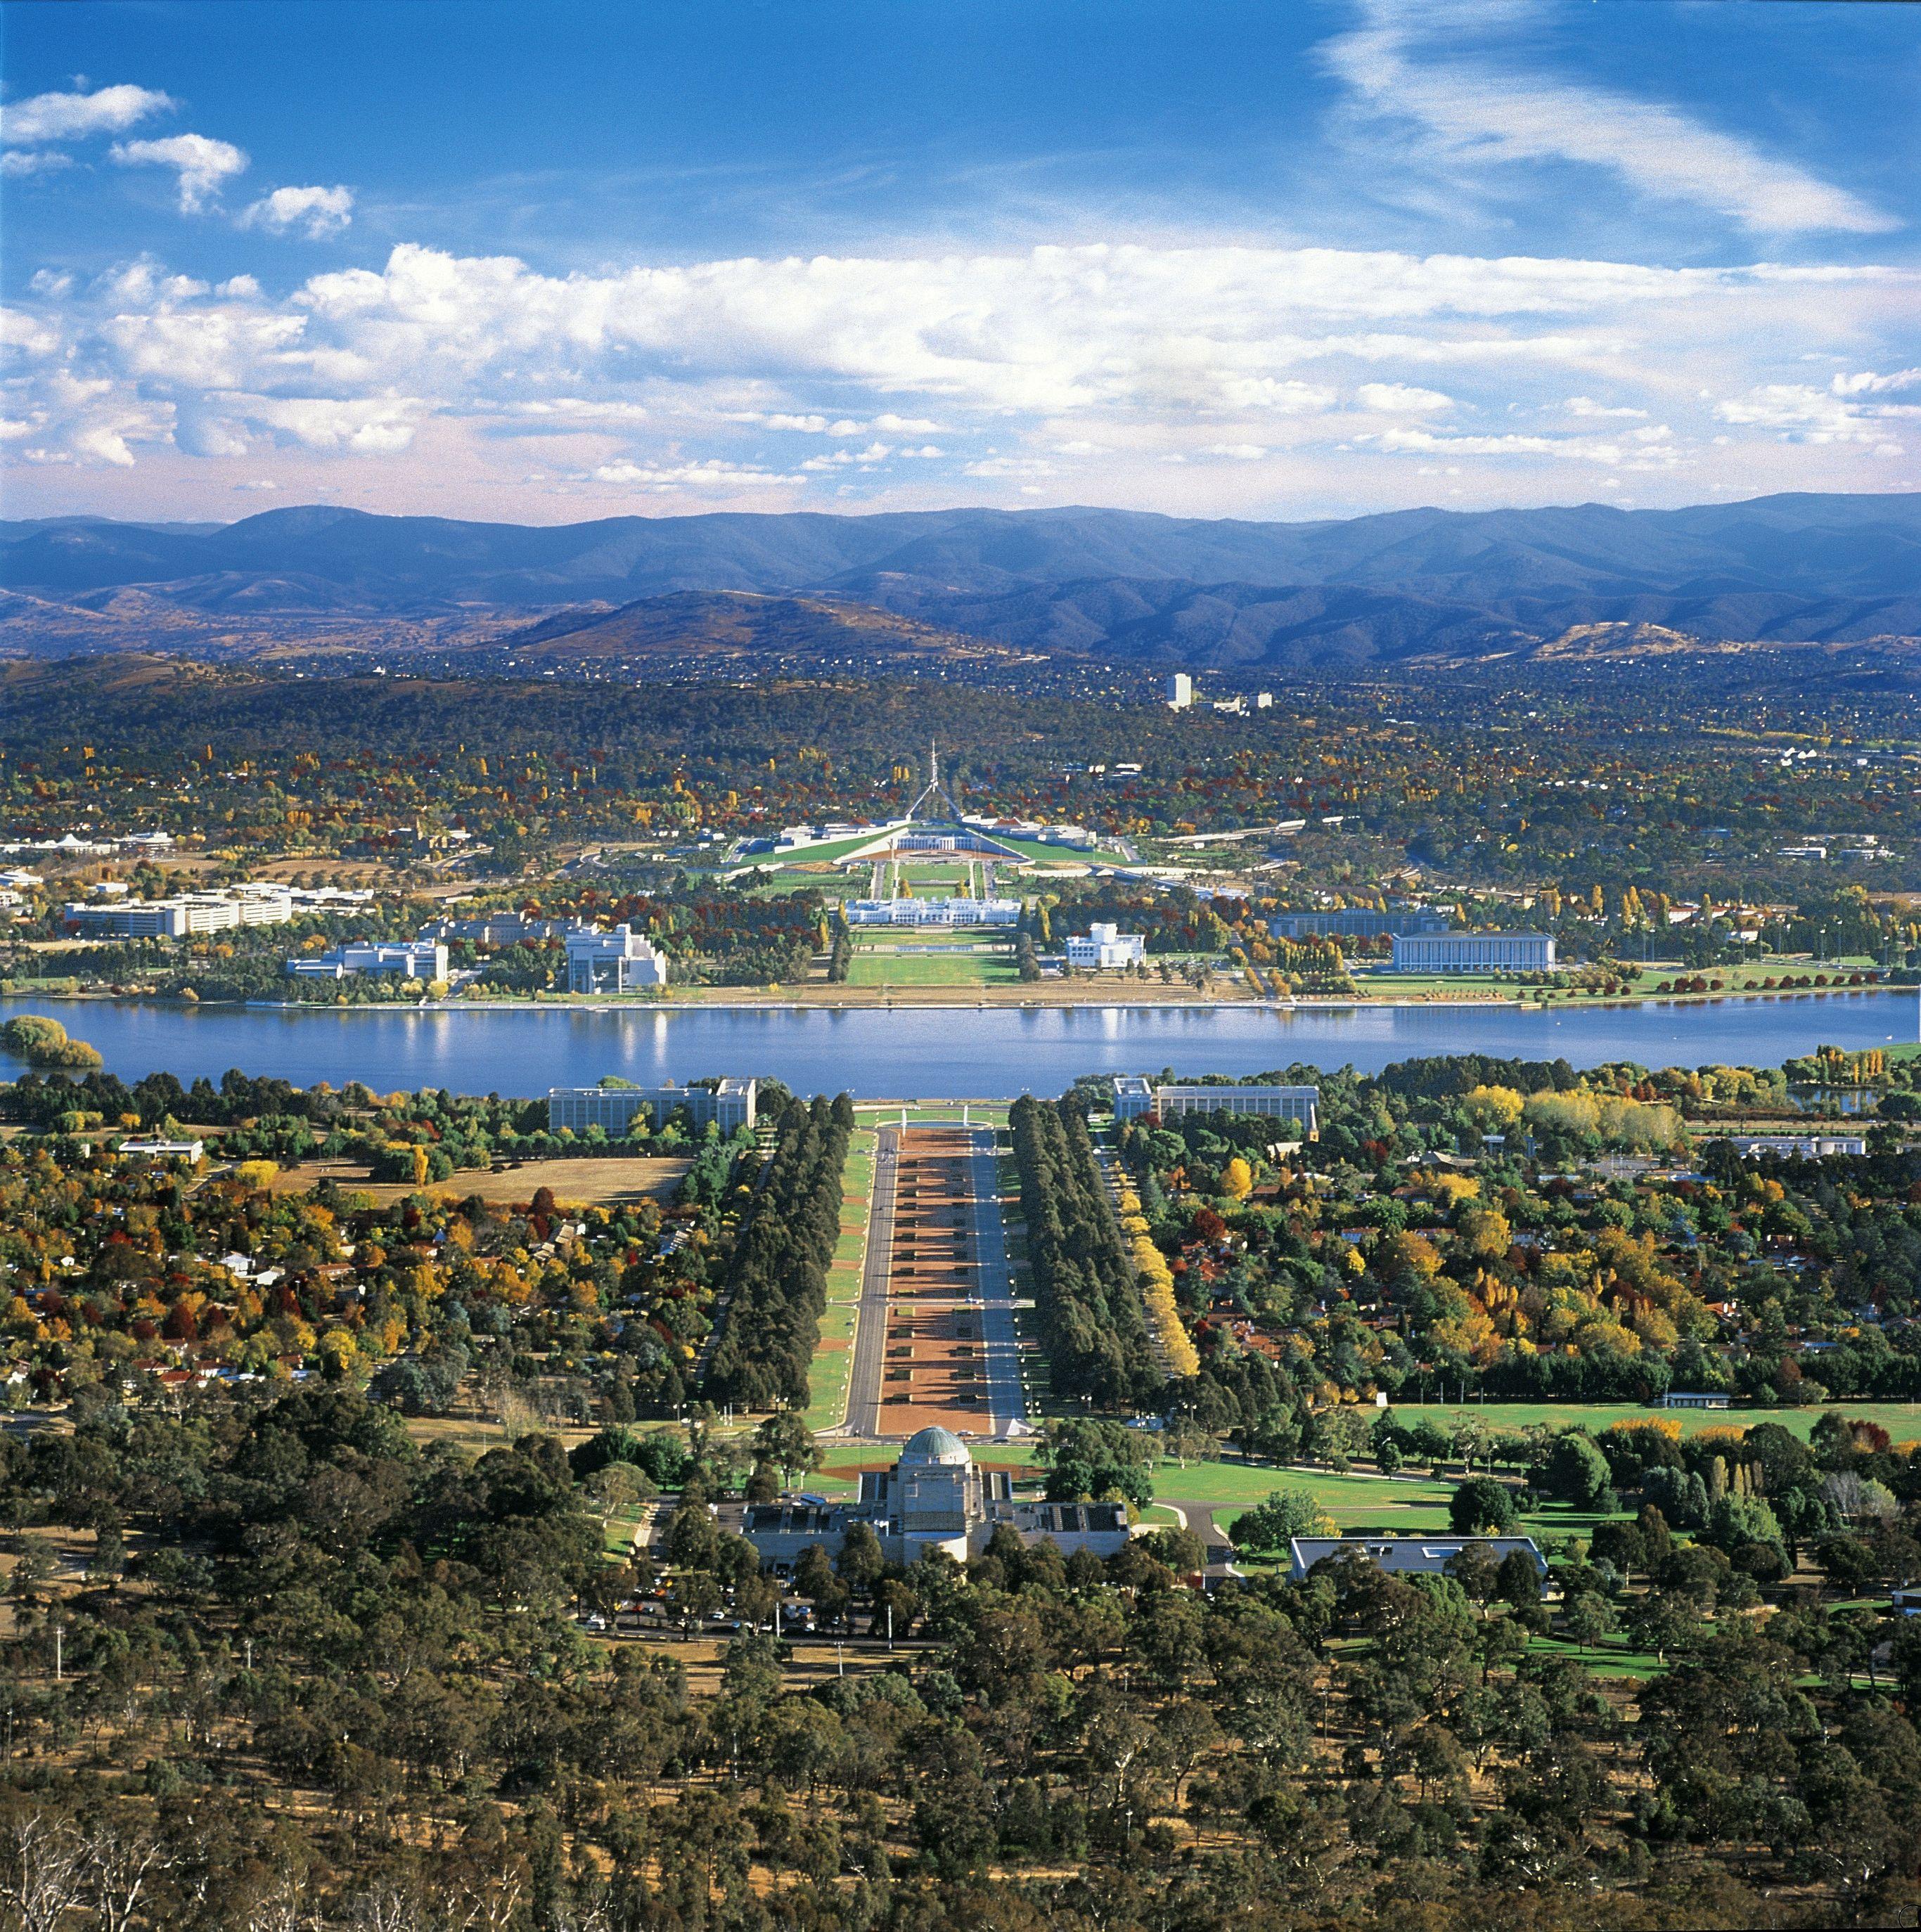 Australie-Canberra-hoofdstad Australië